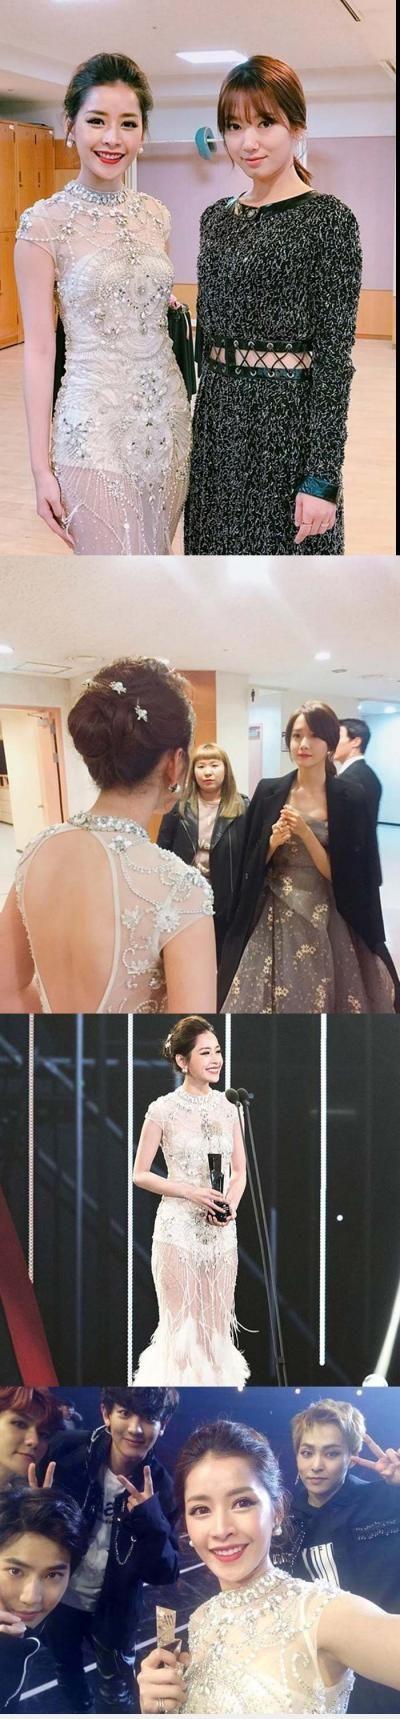 :3  chi pu xinh đẹp nhận giải thưởng ở hàn quốc, đọ sắc park shin hye và exo  :d